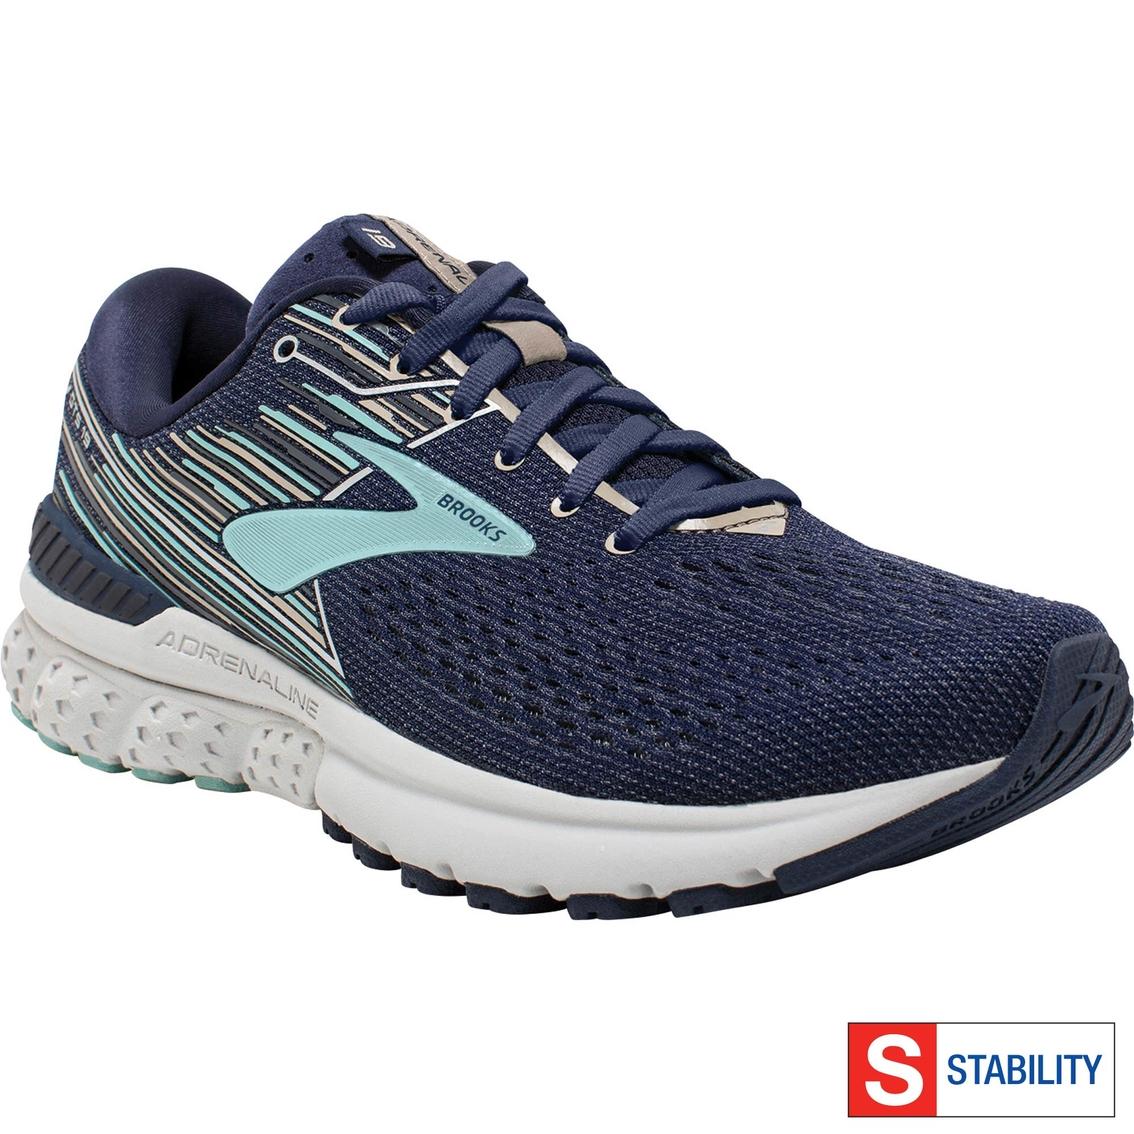 6614d6bff6d Brooks Sports Women s Adrenaline Gts 19 Running Shoes